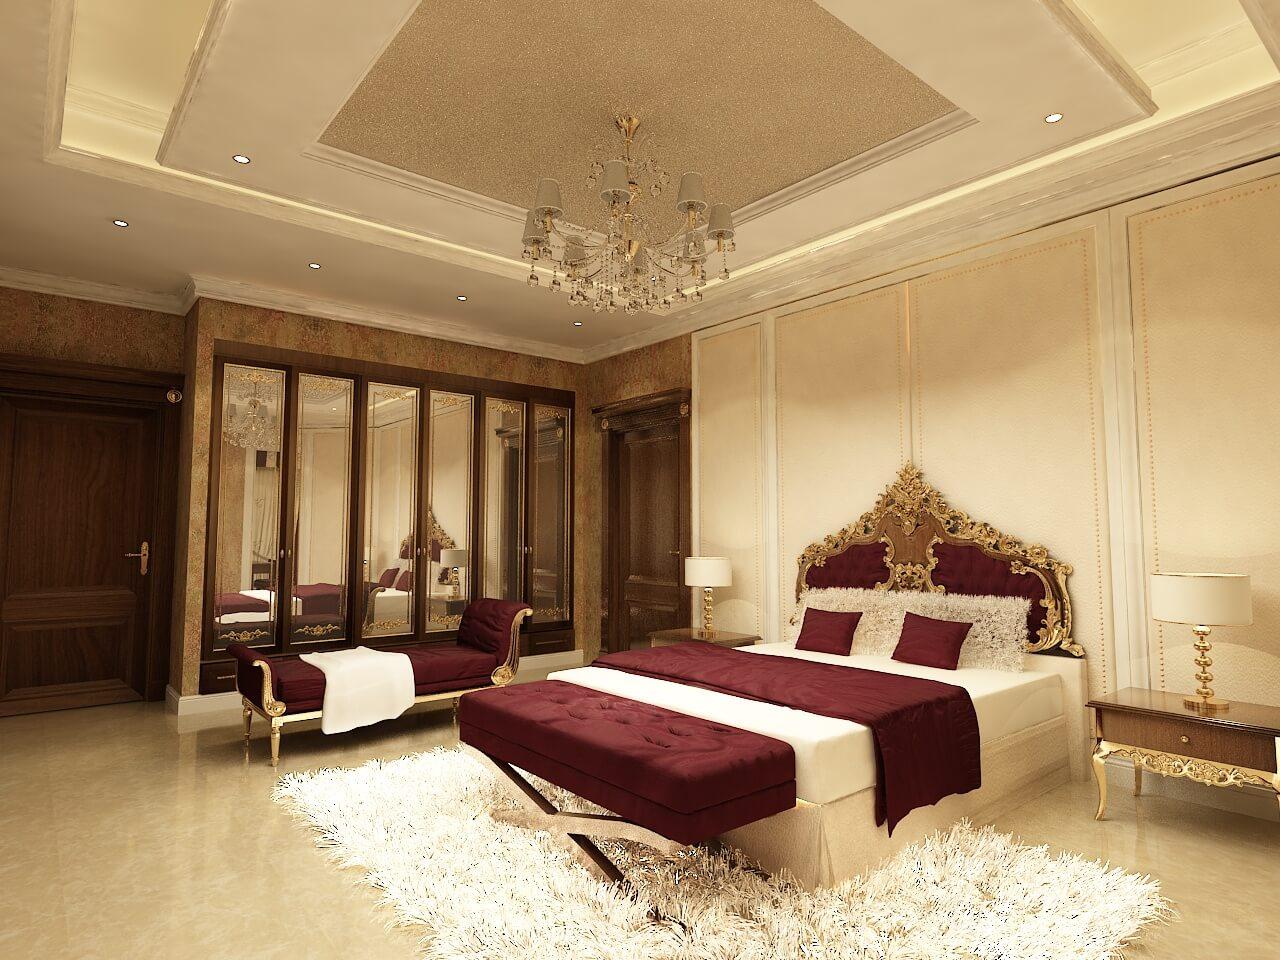 Private Villa, Emirates Hills - 16